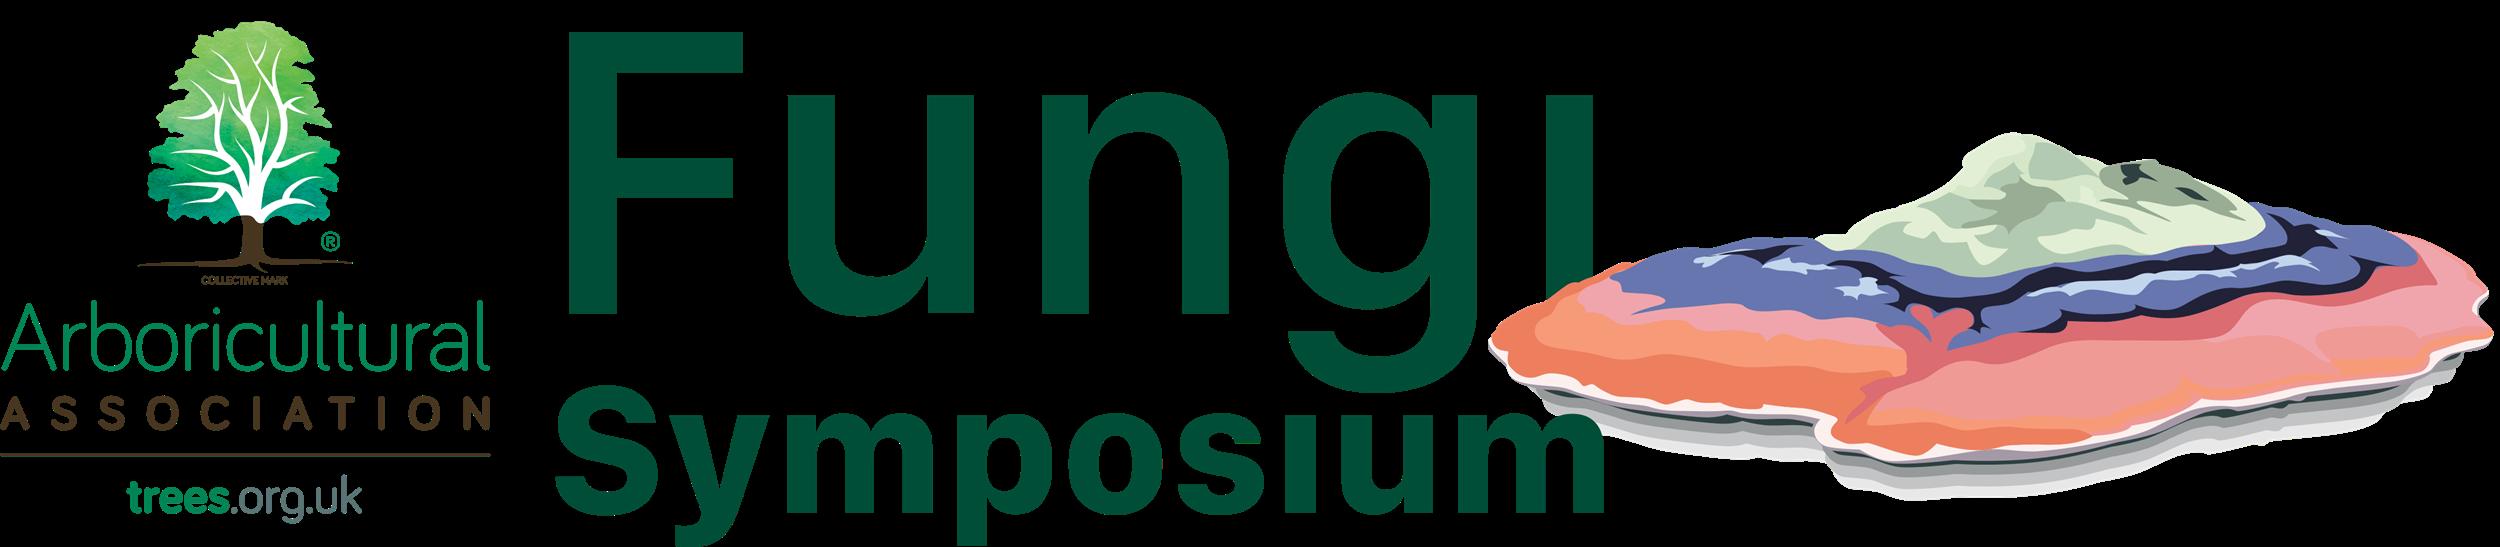 Fungi Symposium – 31 March 2021